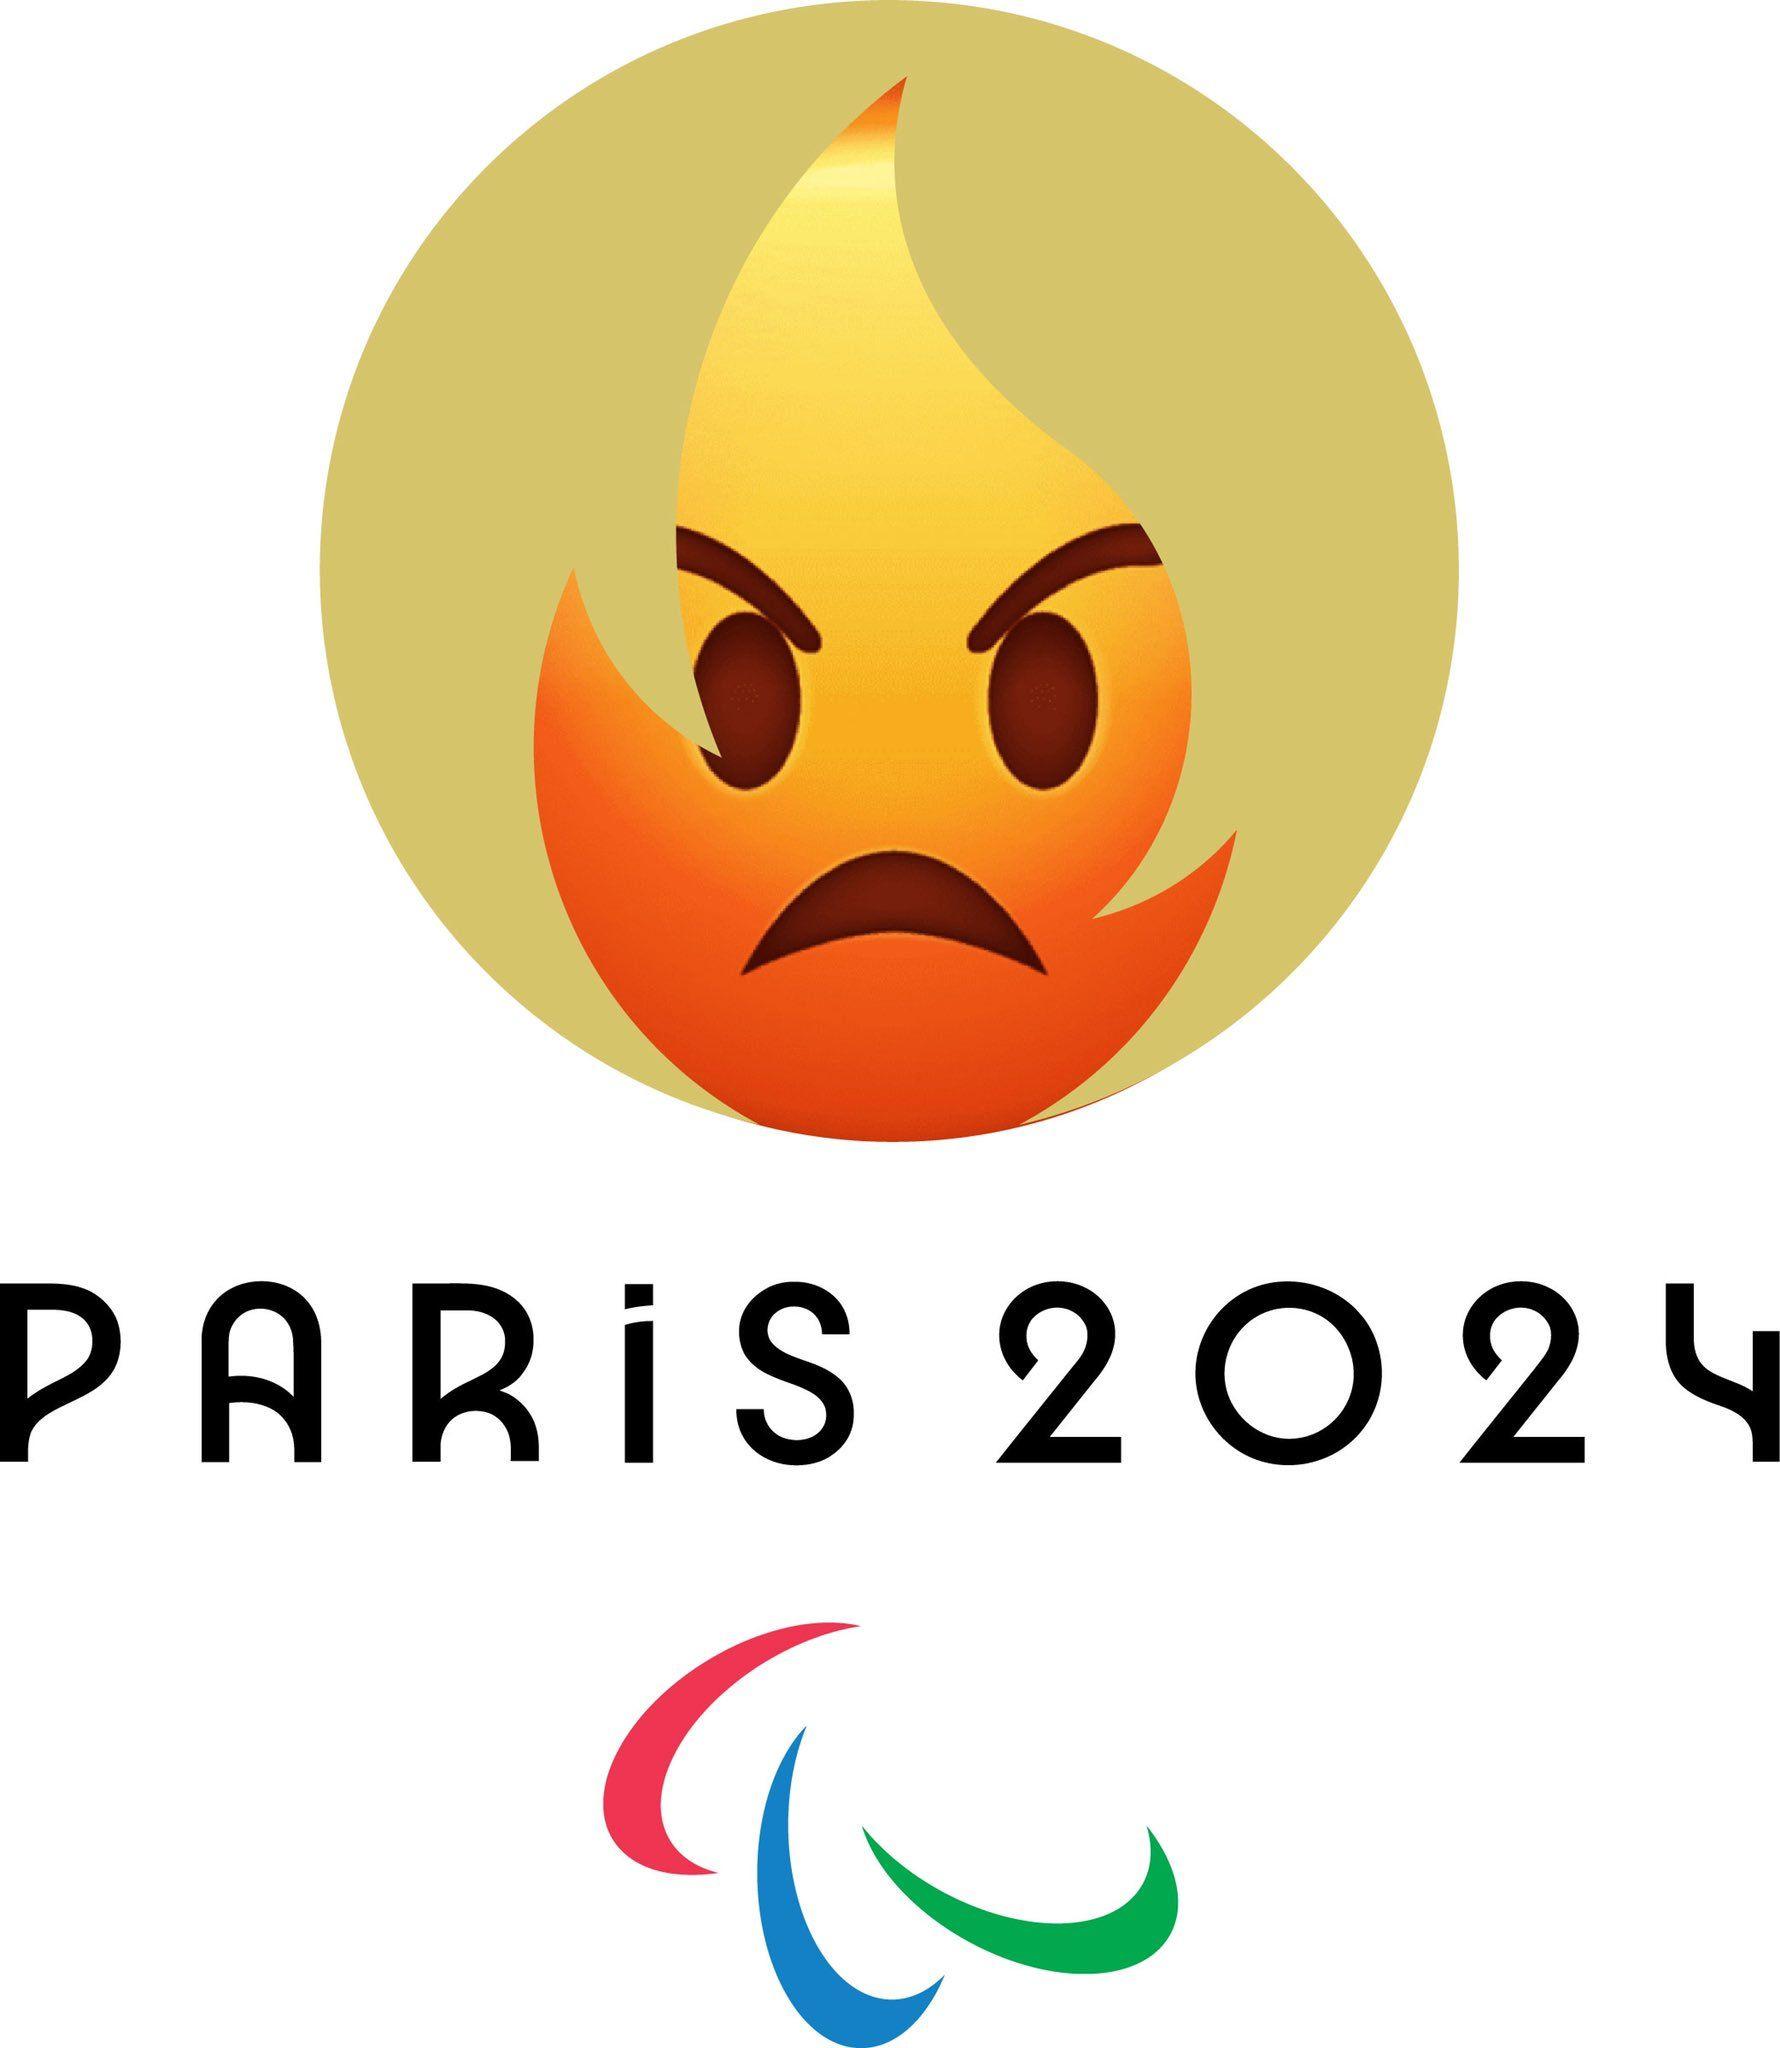 Новый логотип к Олимпиаде 2024 стал шикарным мемом - фото 455093